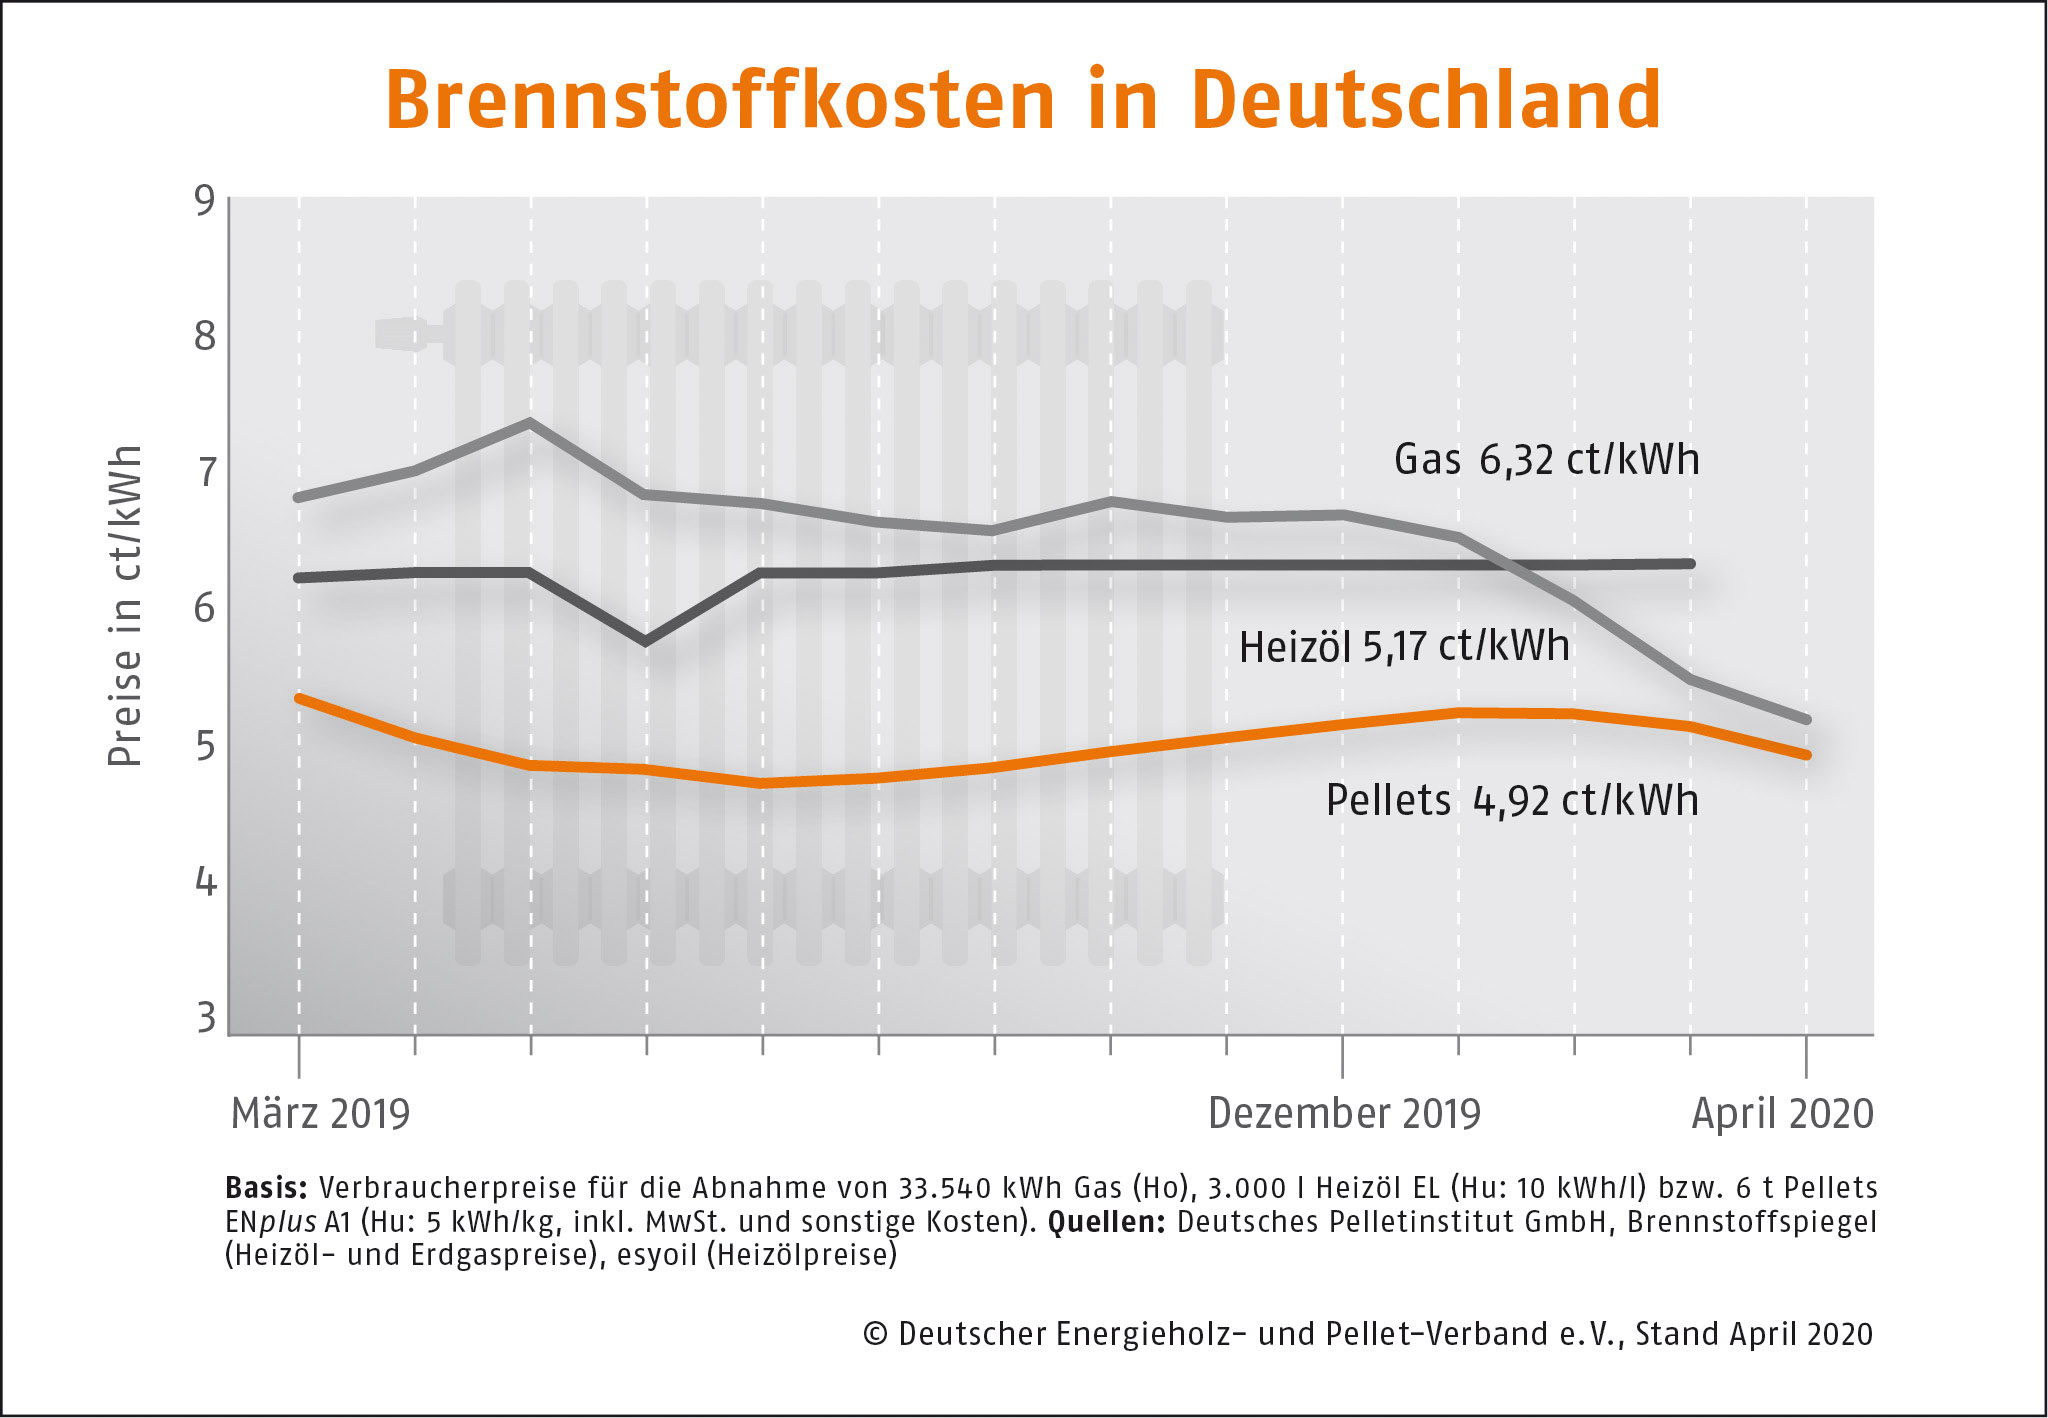 Brennstoffkosten in Deutschland DEPI Preisvergleich April 2020